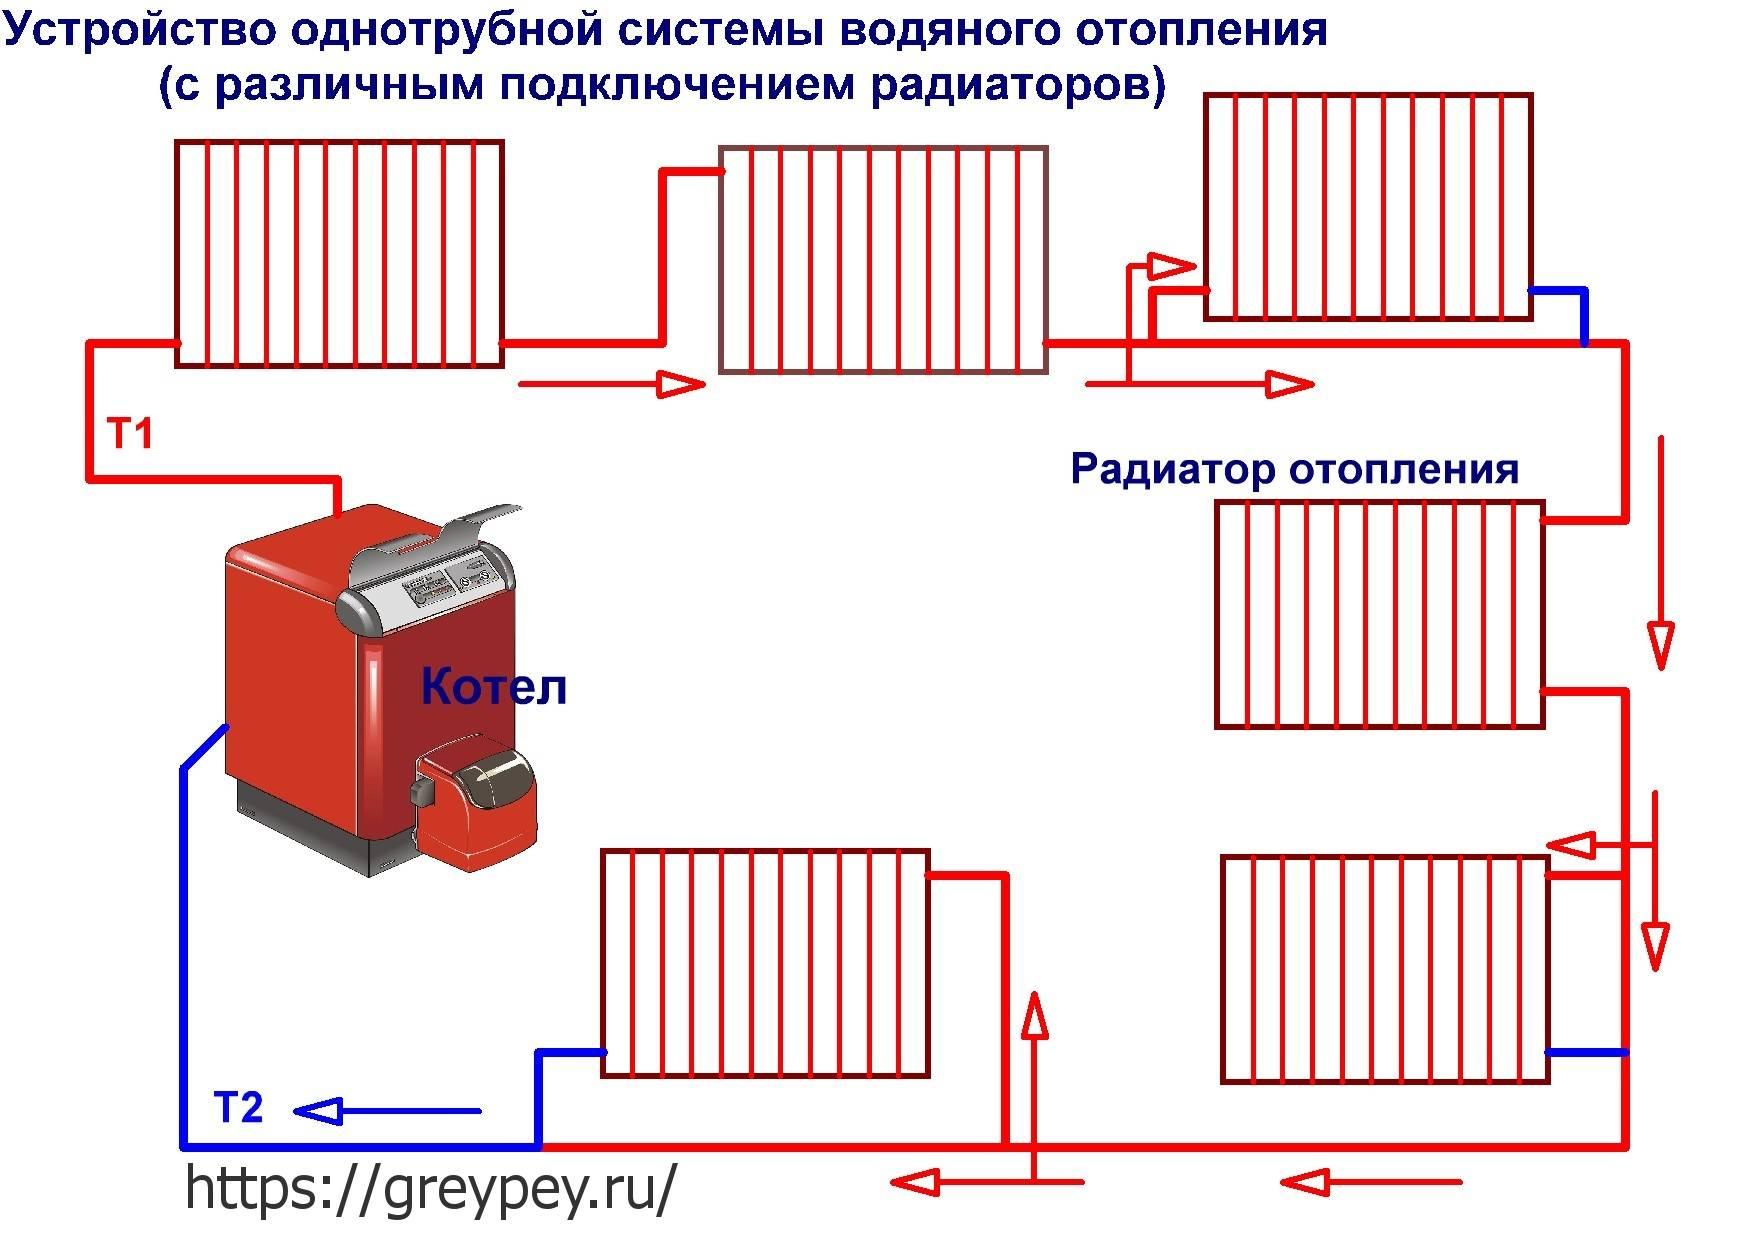 Основные схемы для подключения радиаторов отопления